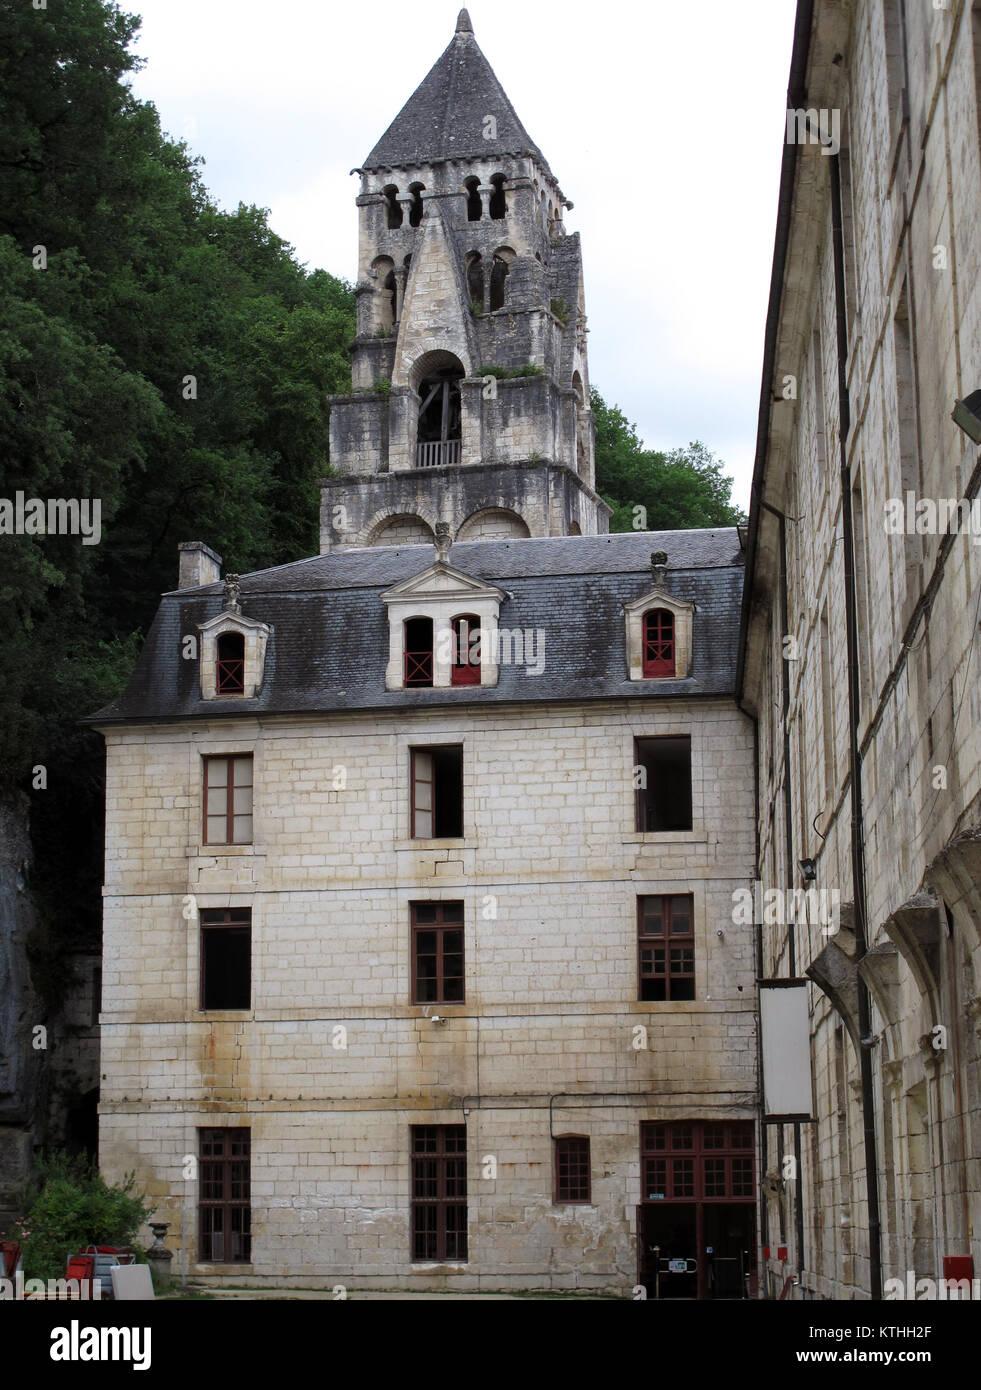 Brantome en Perigord, Abbaye de Saint Pierre de Brantome and City hall, La Dronne river, Dordogne, Nouvelle-Aquitaine, Stock Photo